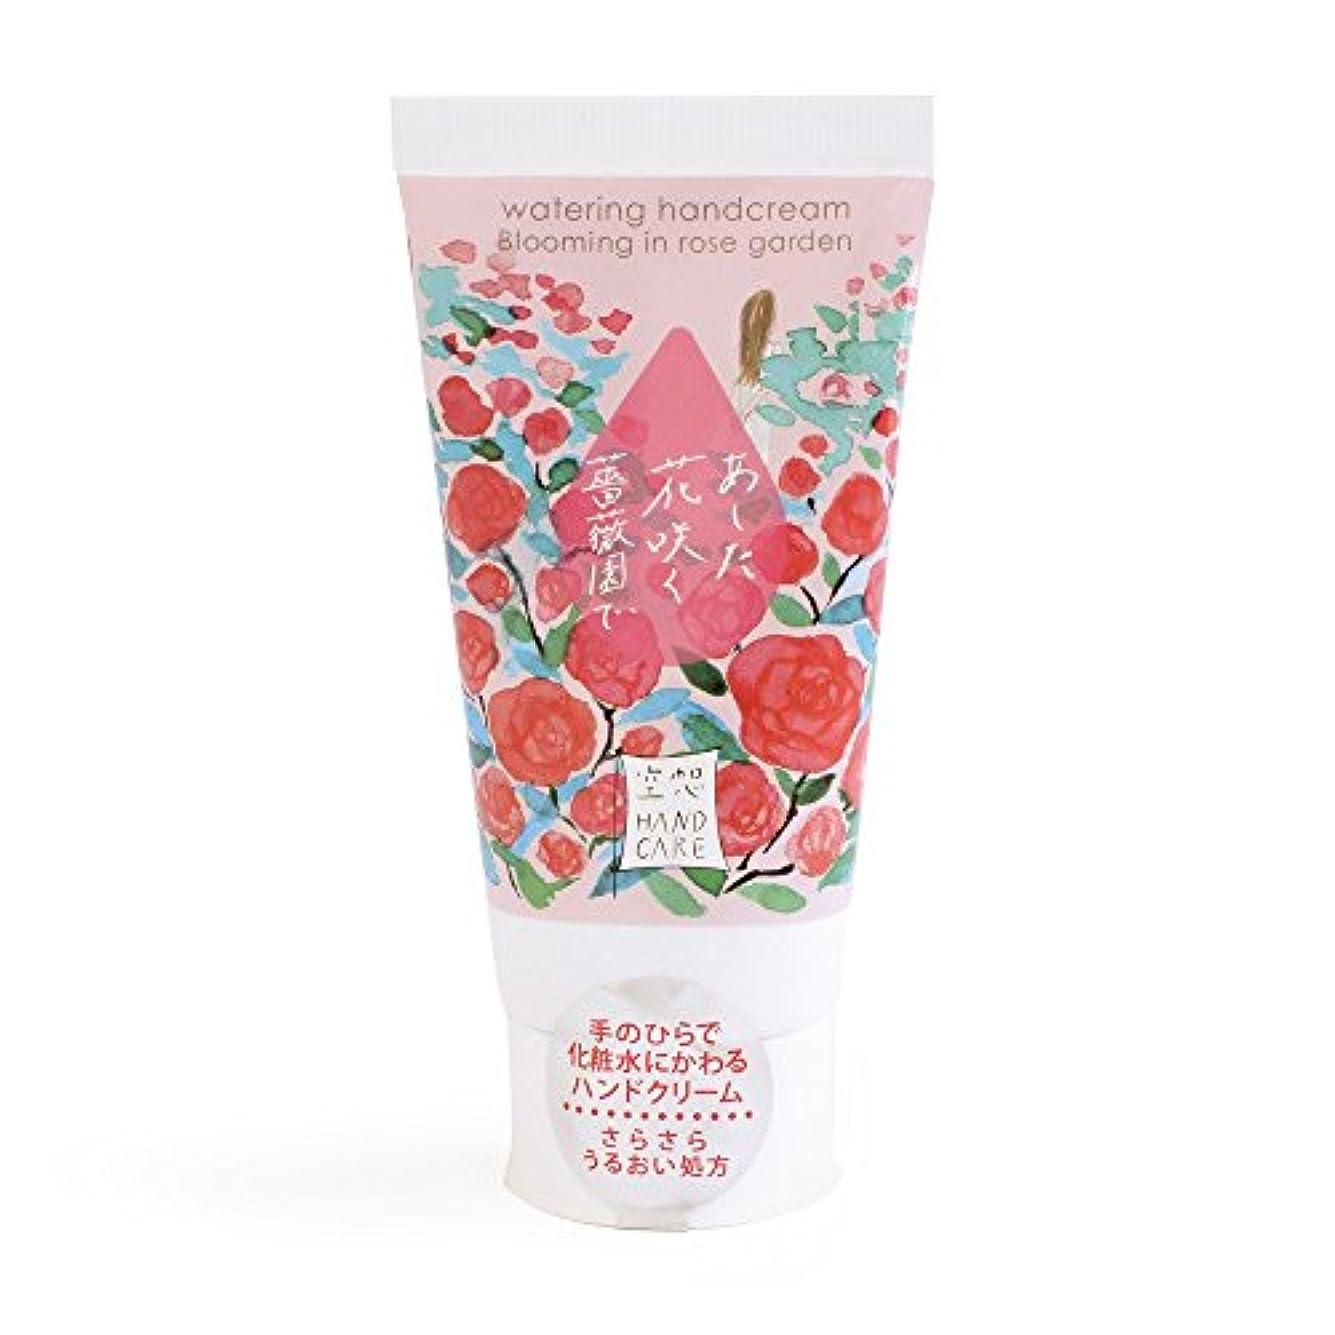 成長ミッション長方形空想ウォータリングハンドクリーム あした花咲く薔薇園で